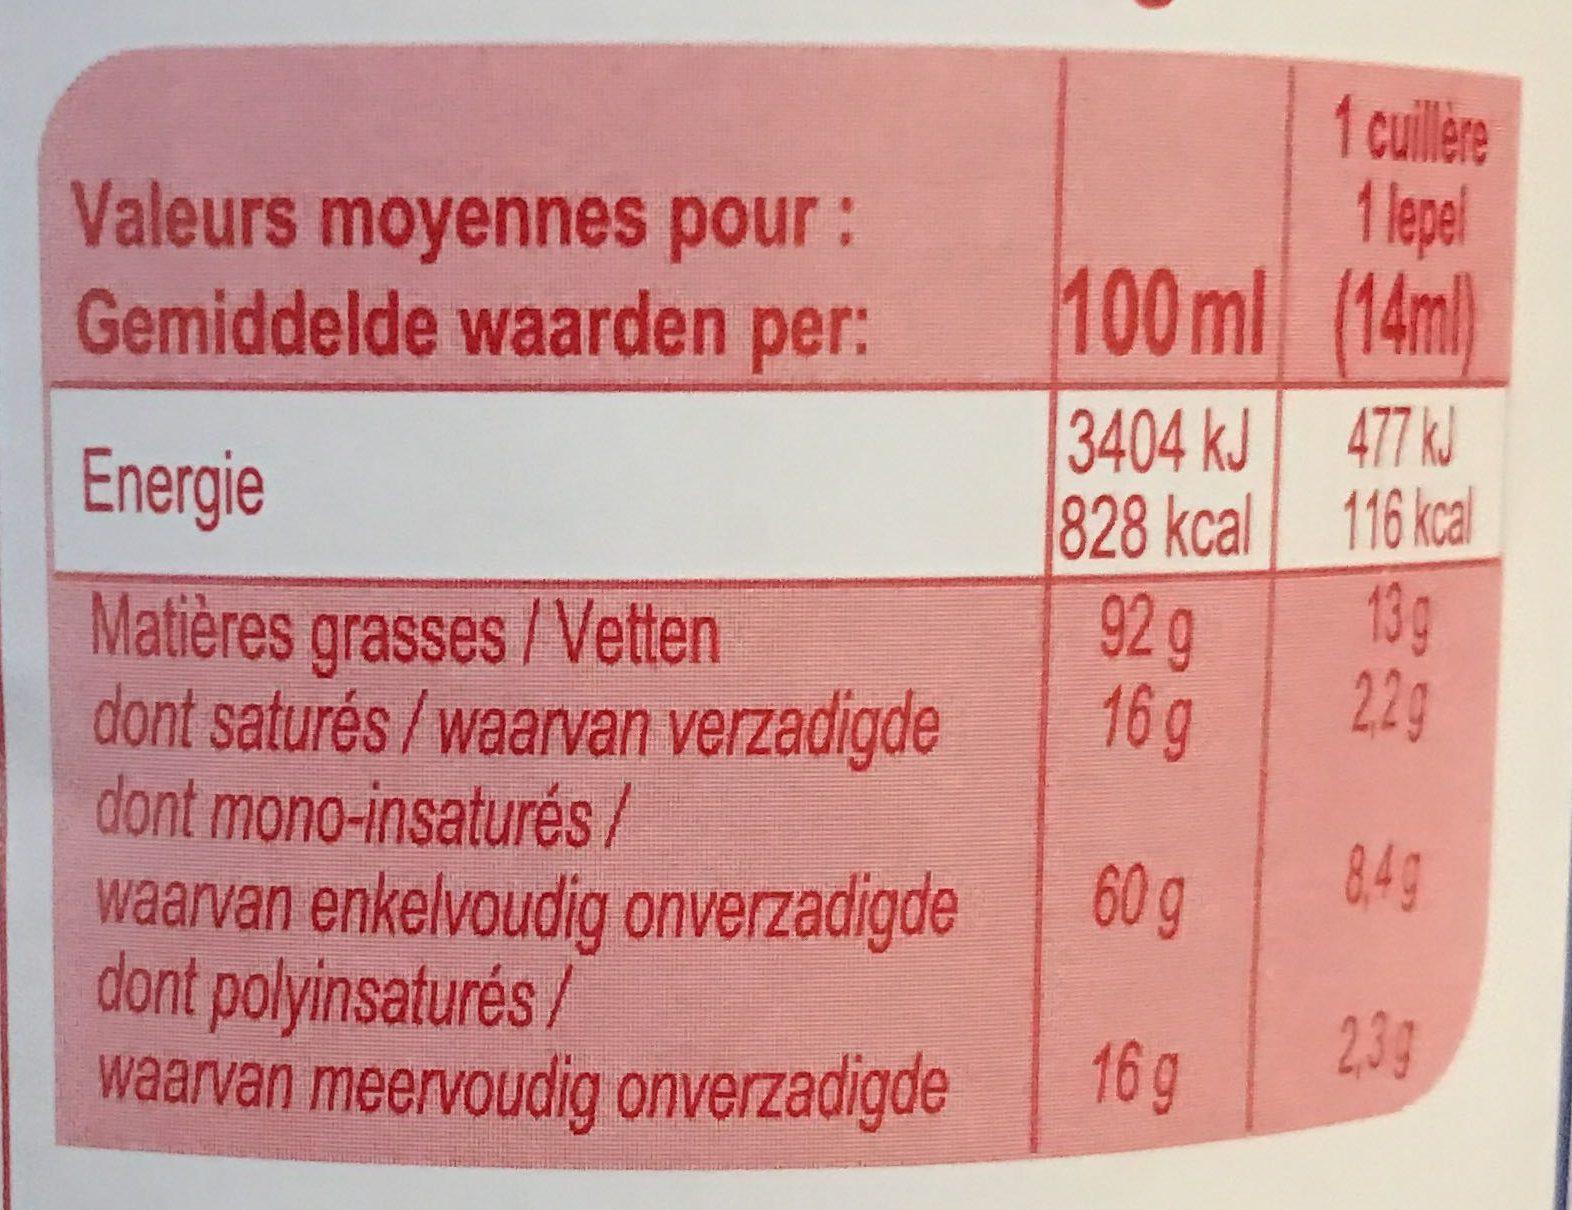 Huile d'arachide - Informations nutritionnelles